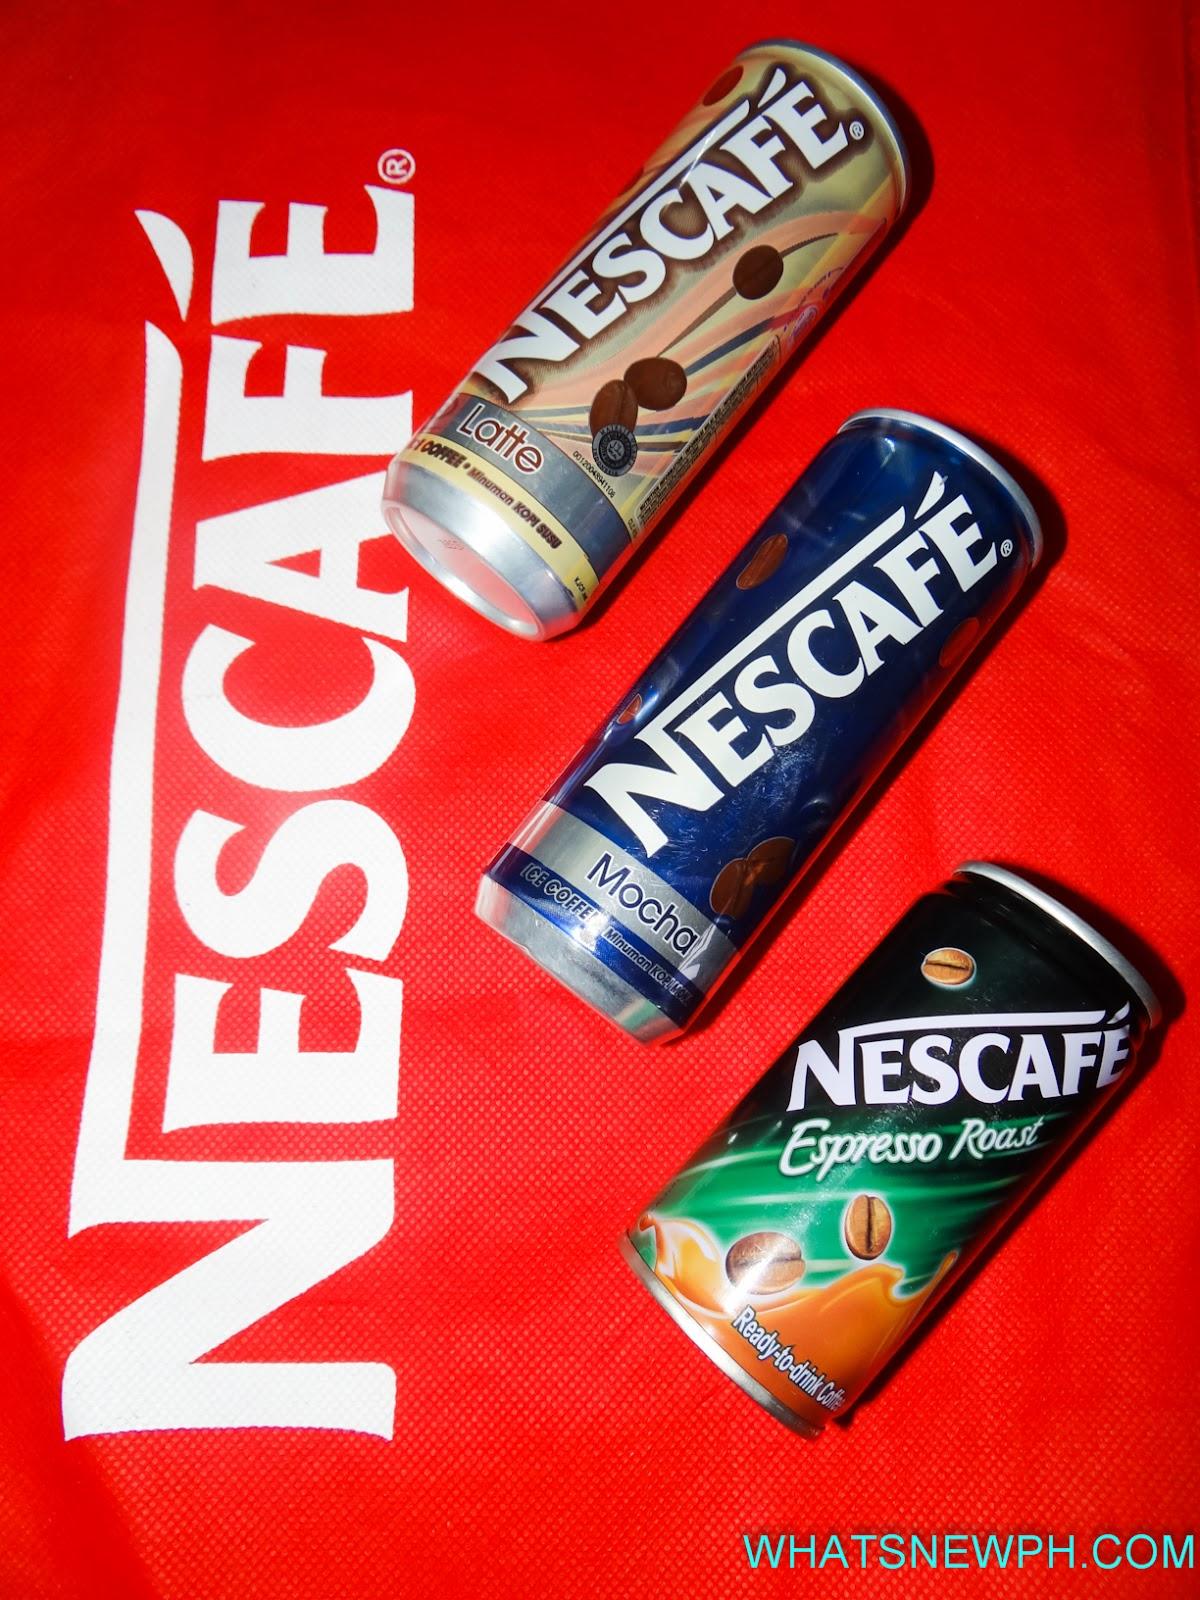 nescafé brand management Oliver gentsch brand management nescafé soluble at nestlé location lausanne area, switzerland industry food & beverages.